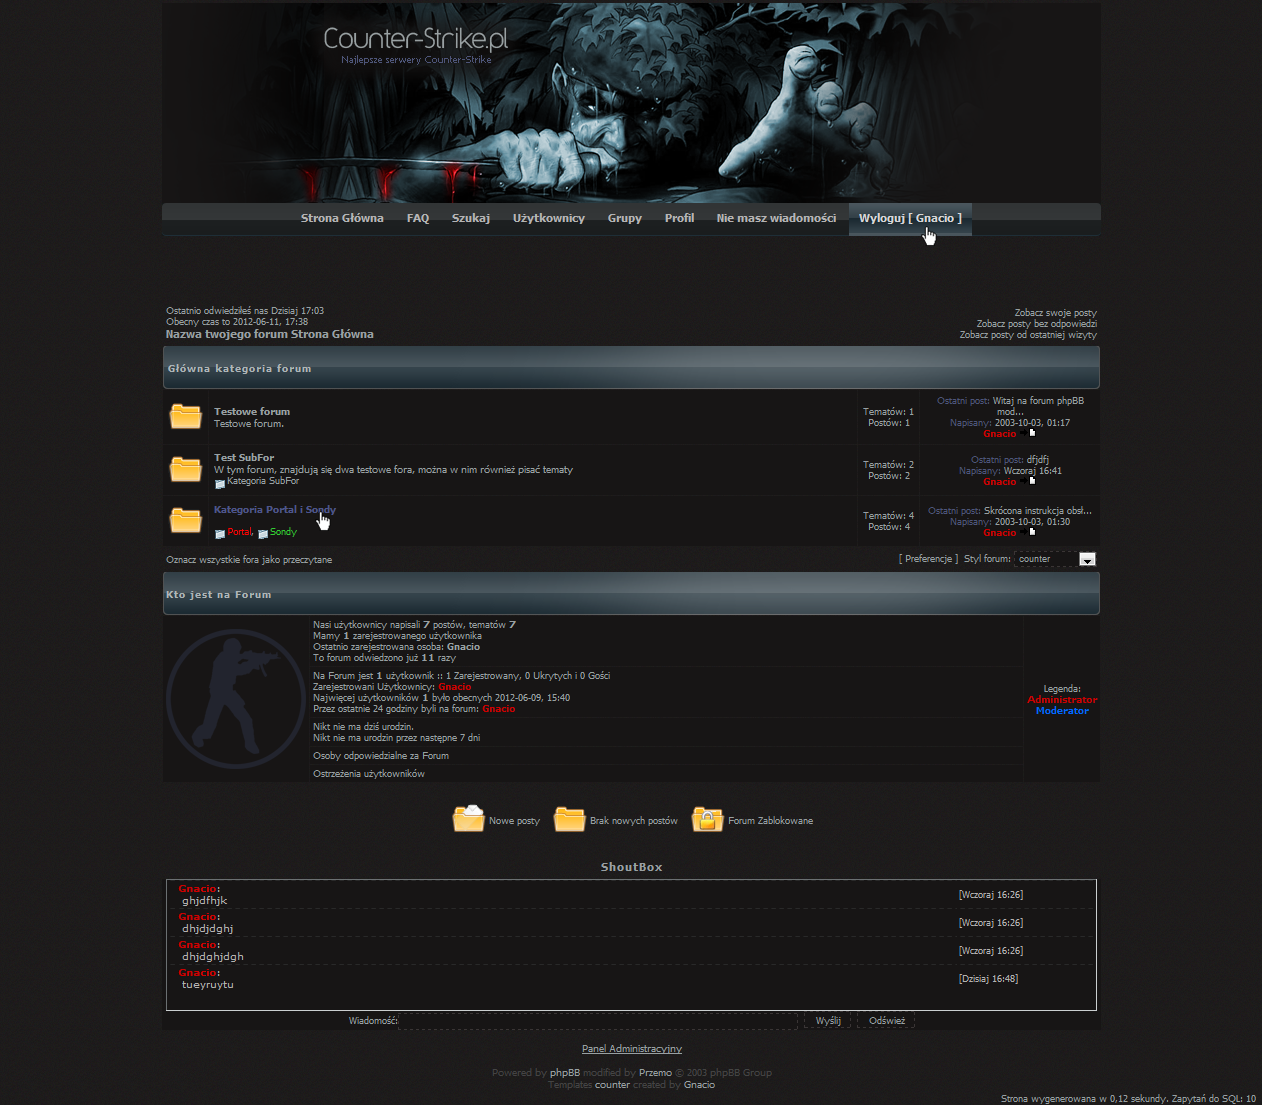 Counter-Strike forum by Gnacio92